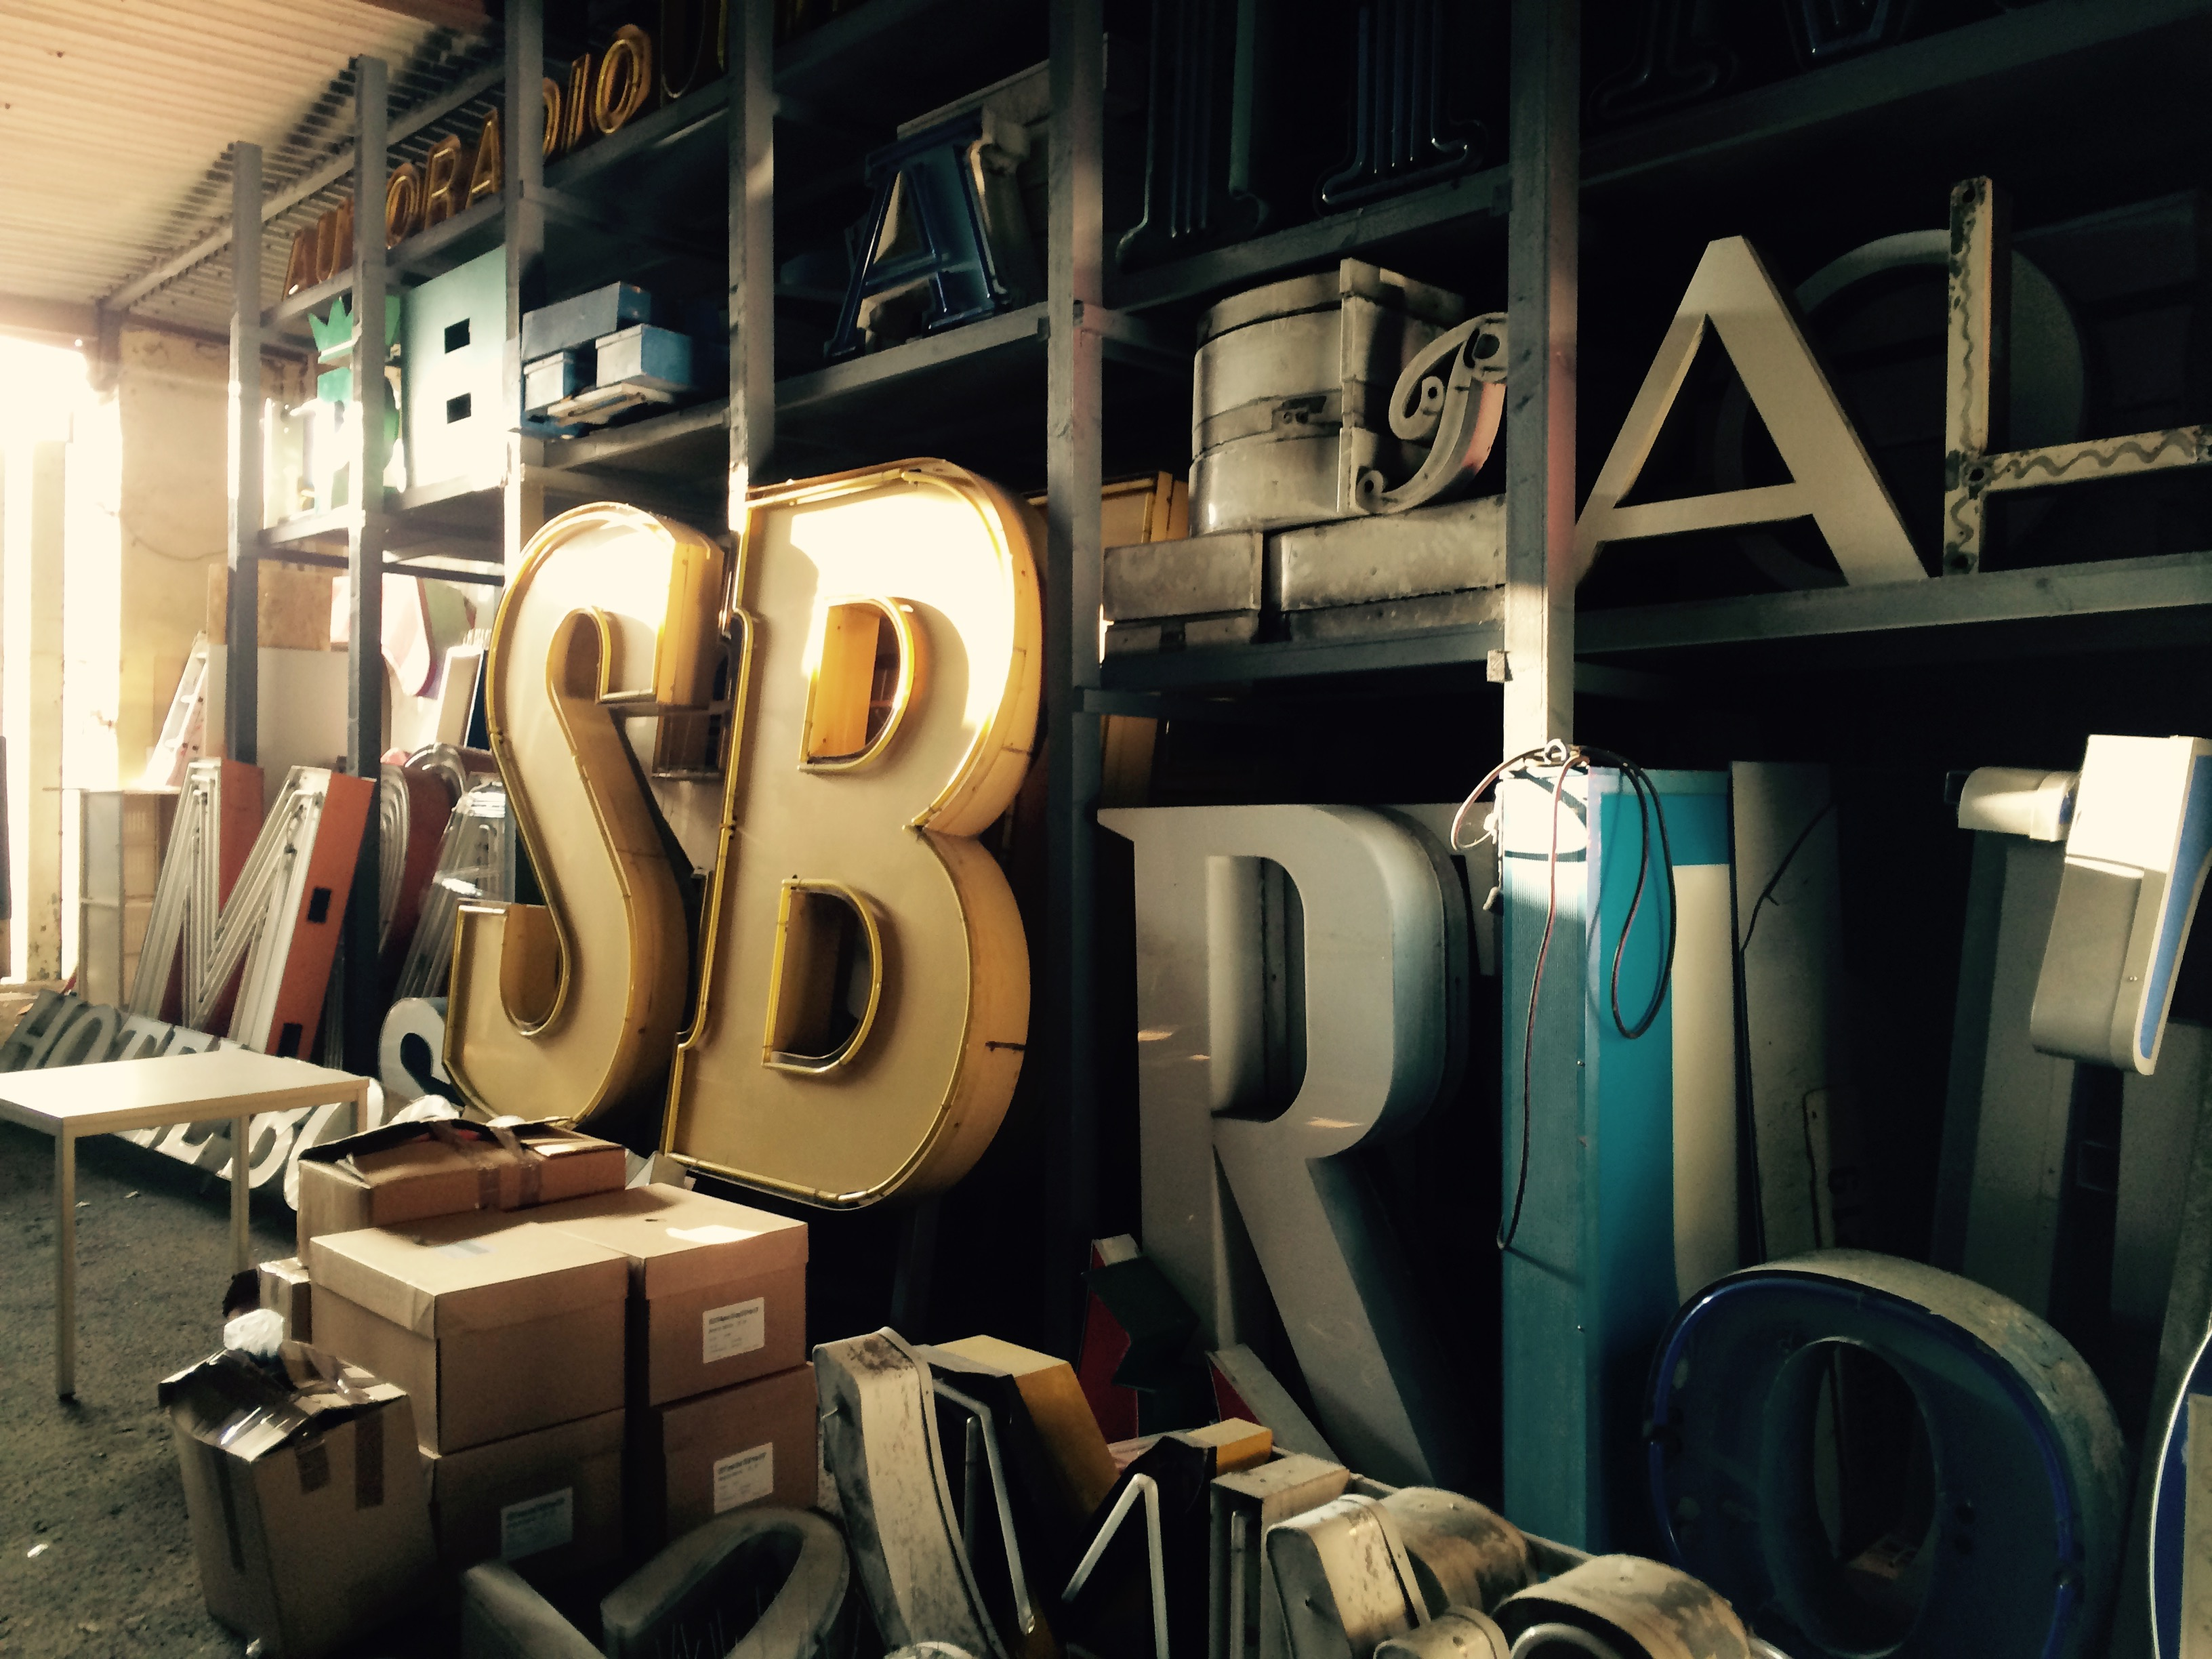 Franziska Schatz Grafik Design | Kommunikationsdesign | Editorial Design | Logo | Branding | Corporate Design | Identity | Werbung | Werbeagentur | Kaufbeuren | Allgäu, berlin, hauptstadt, buchstaben, typografie